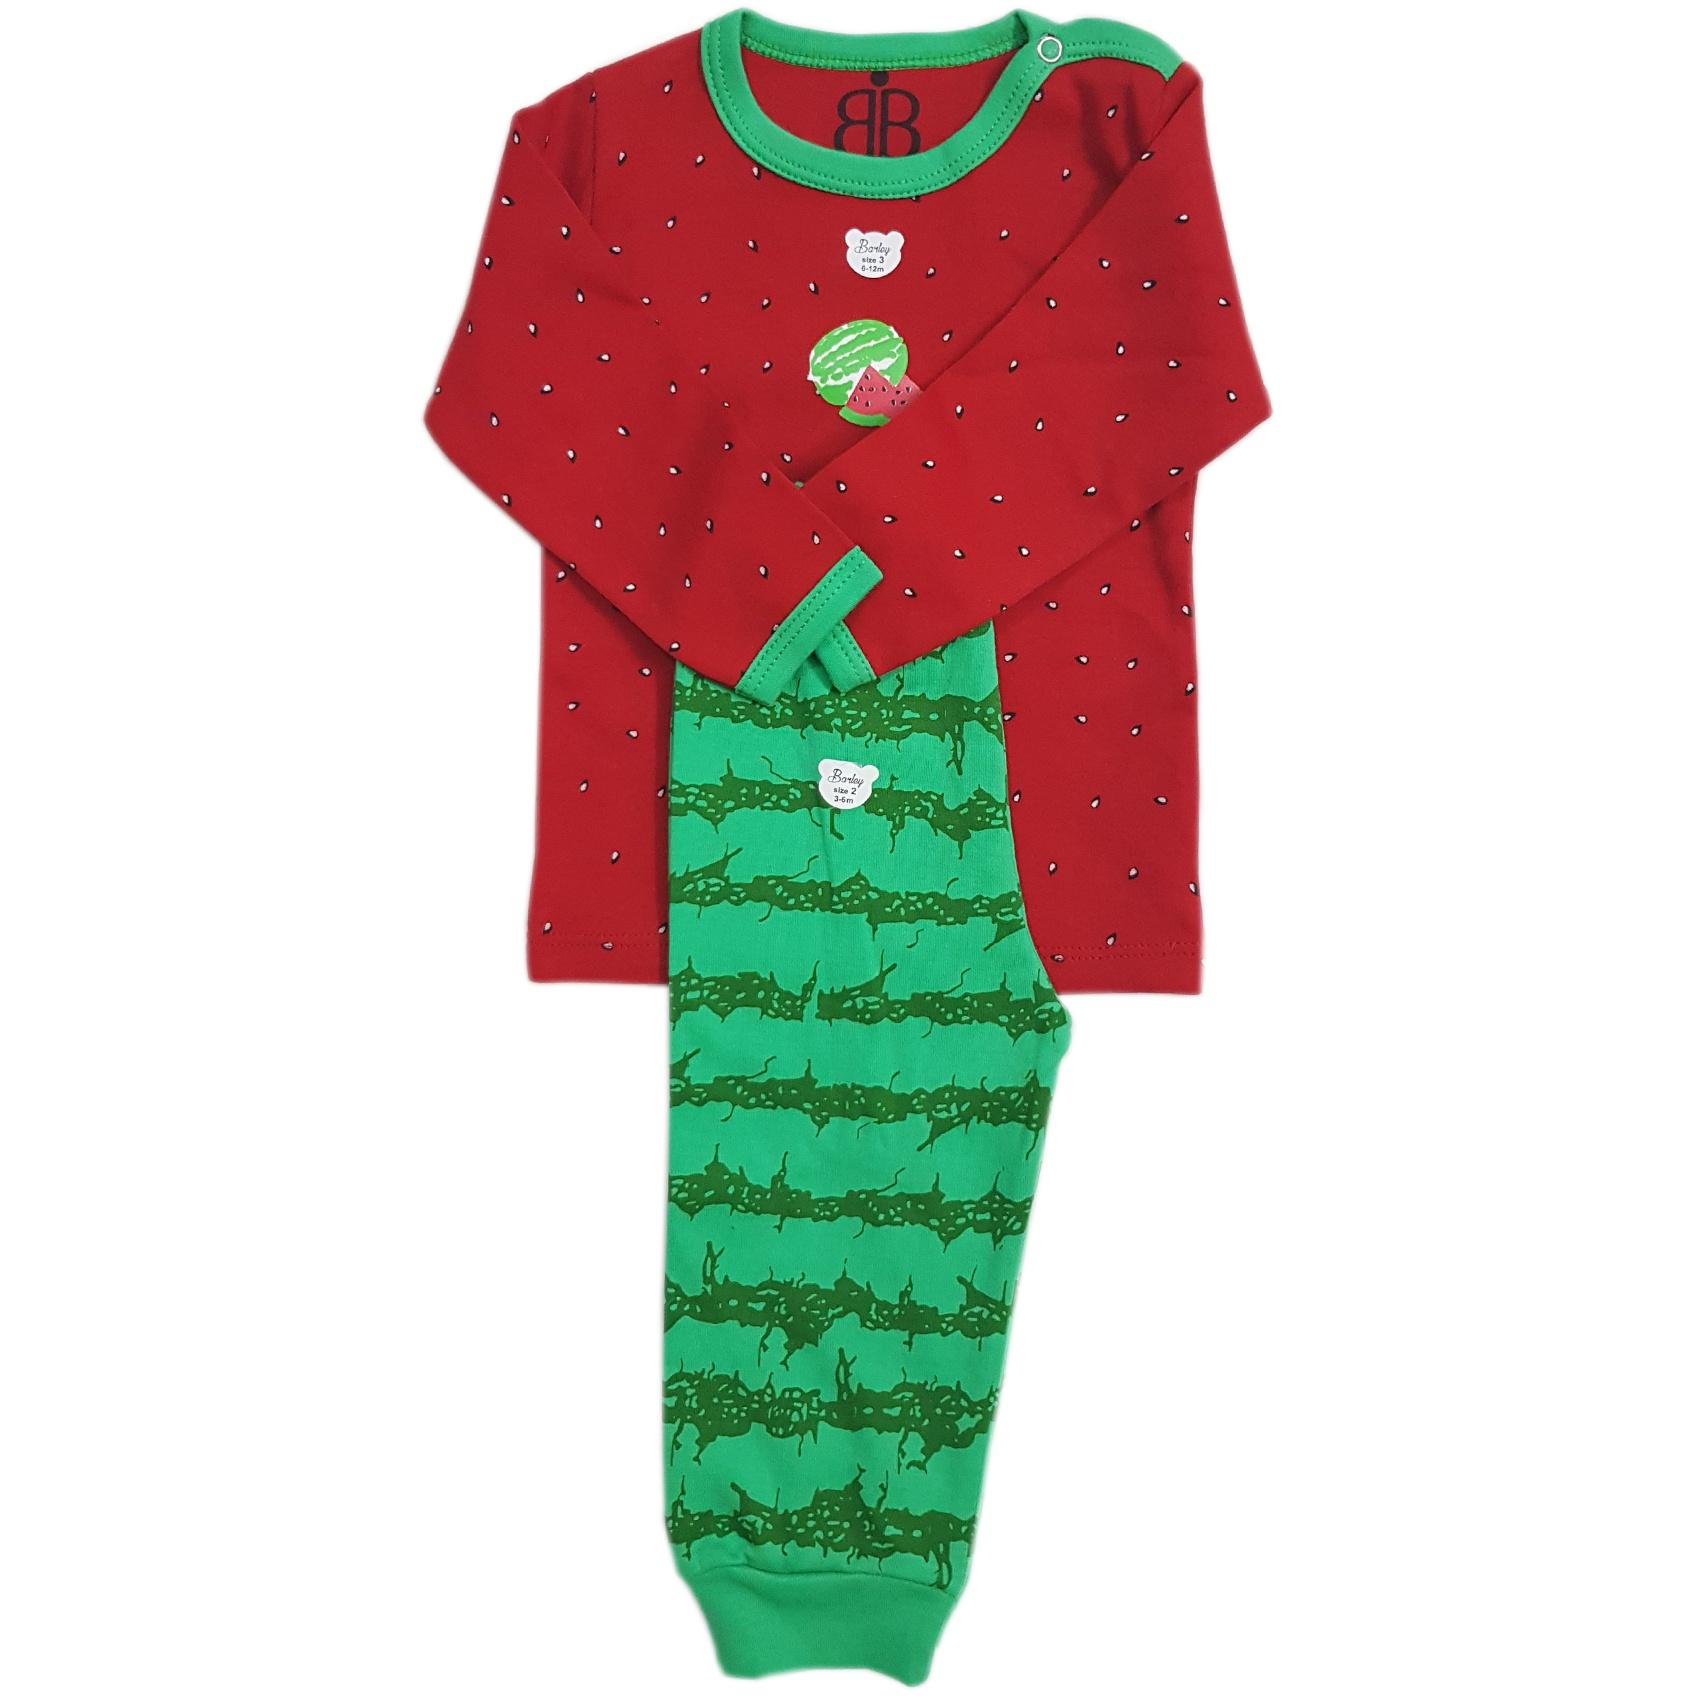 ست لباس 2 تکه بچگانه بارلی طرح یلدا-2